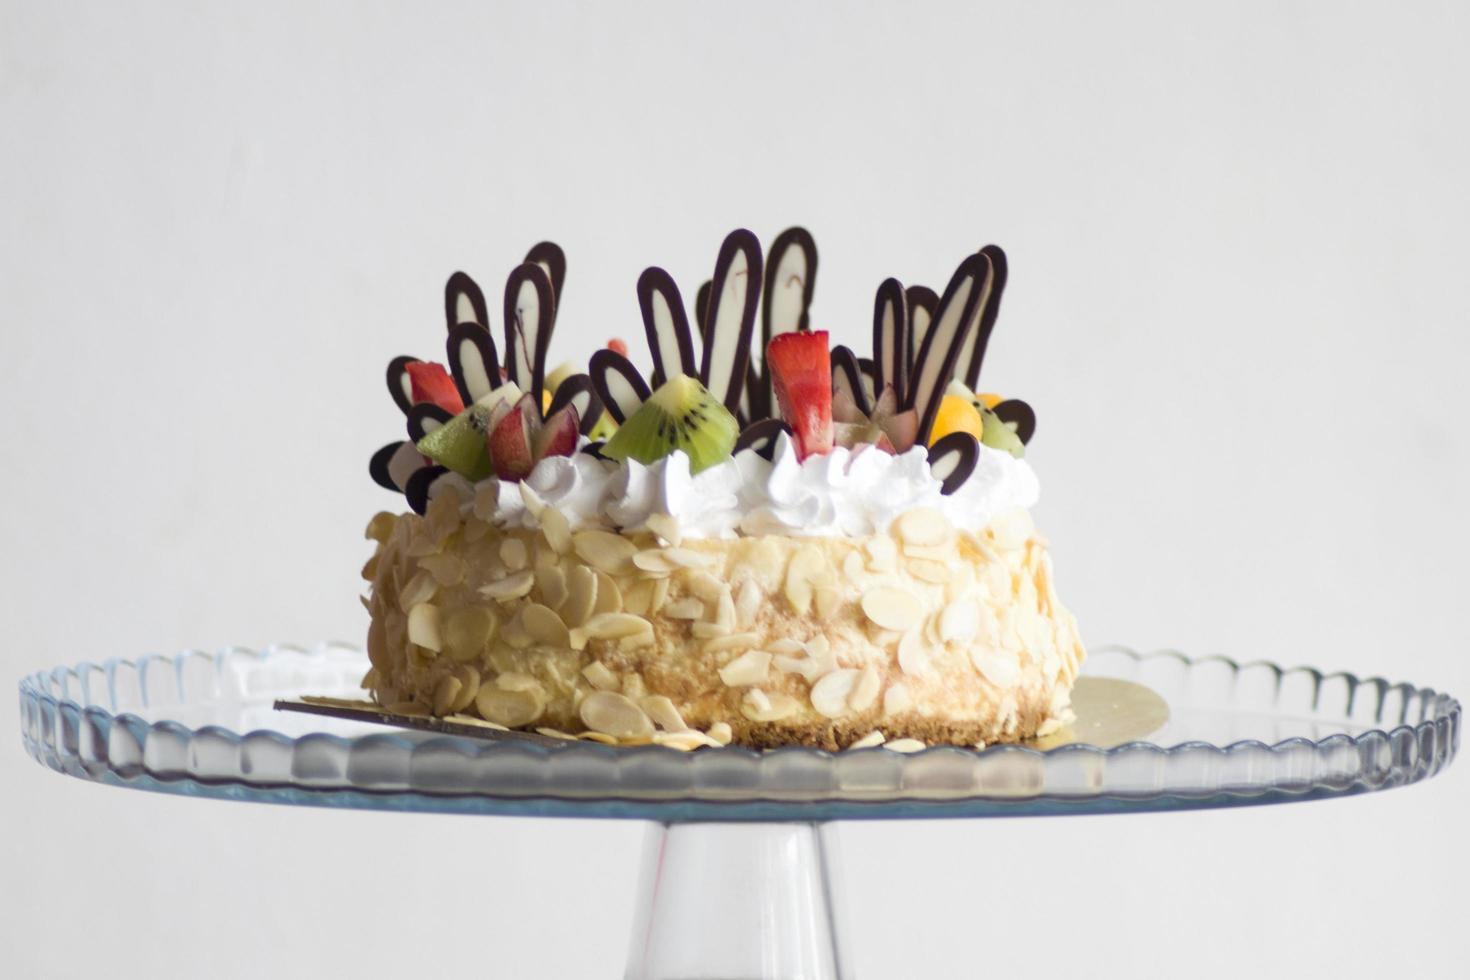 glassa marrone e bianca ricoperta di frutta foto